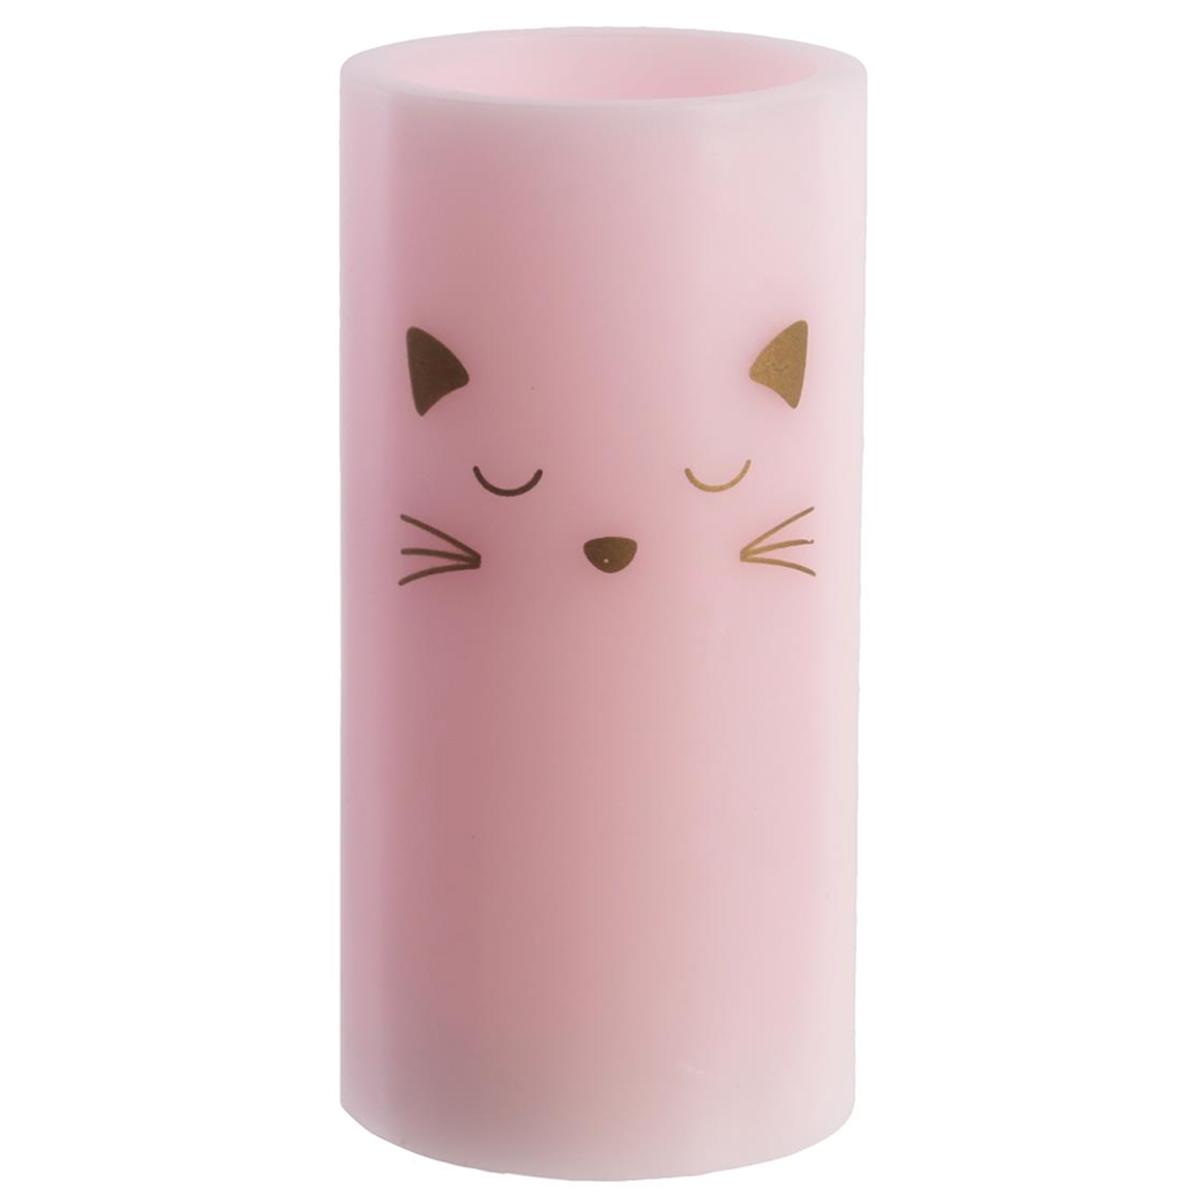 Bougie LED \'Chats\' rose doré (cire véritable) - 15x75 cm - [Q5407]